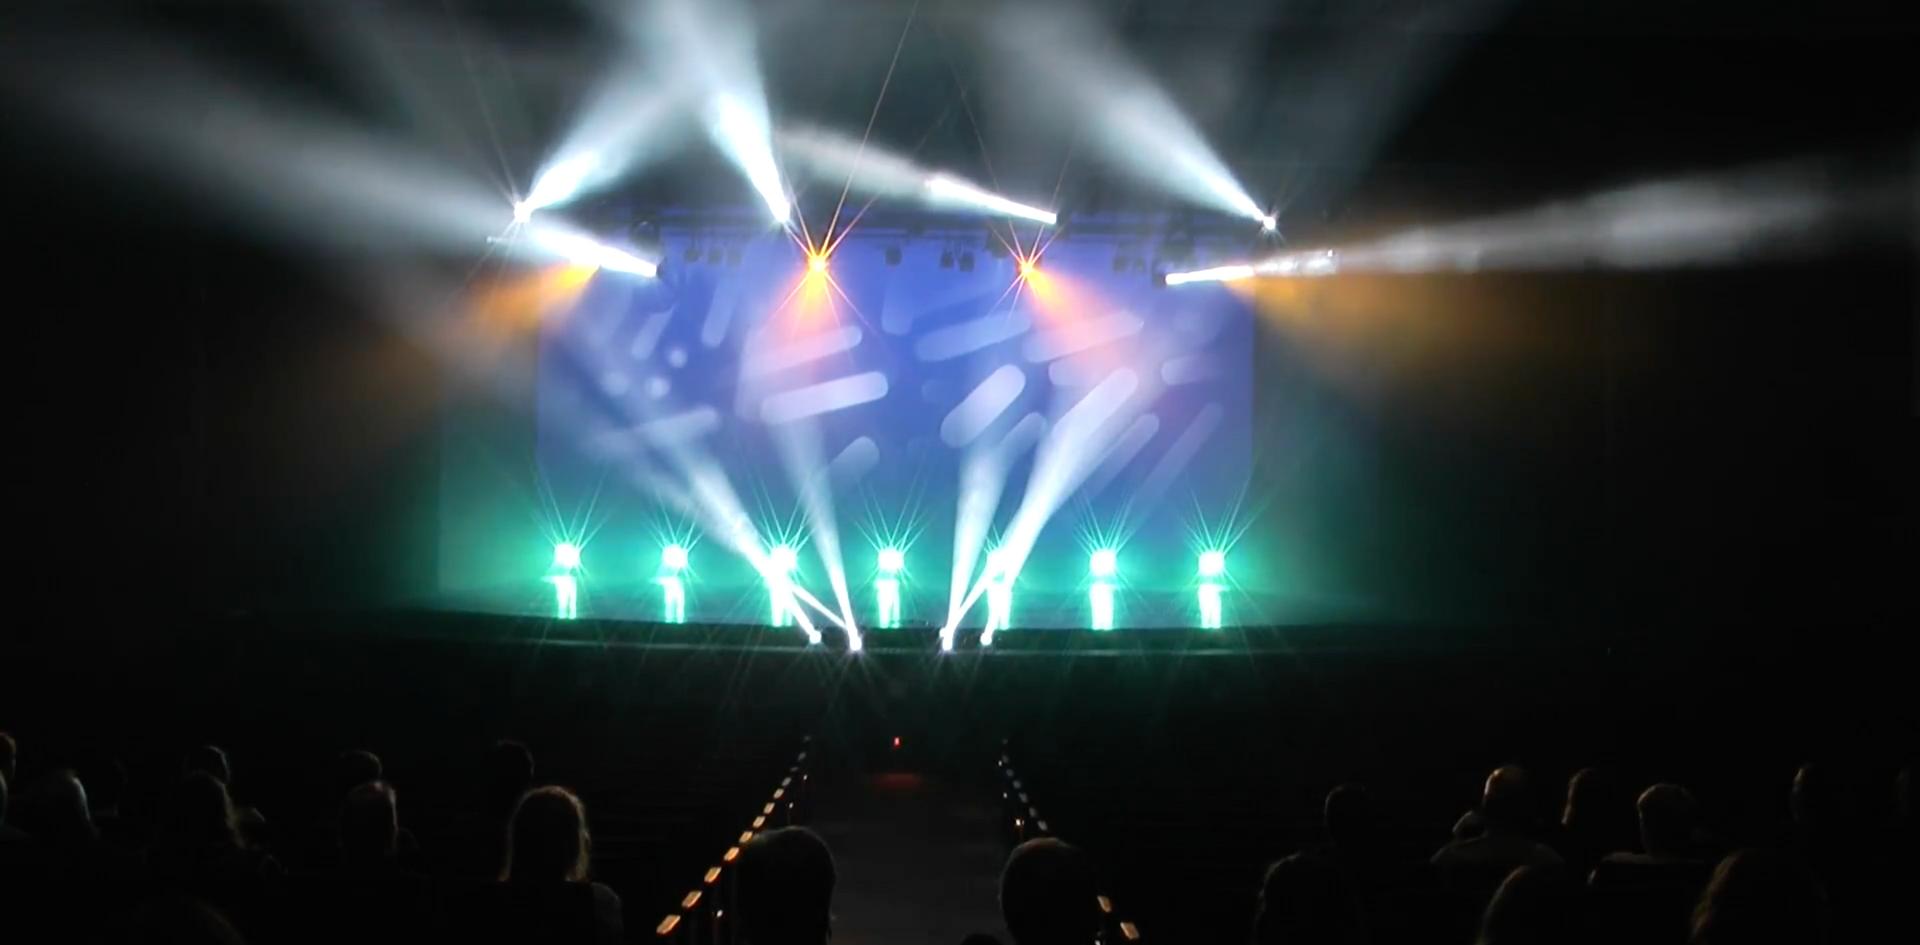 Illumination Light Show 2017